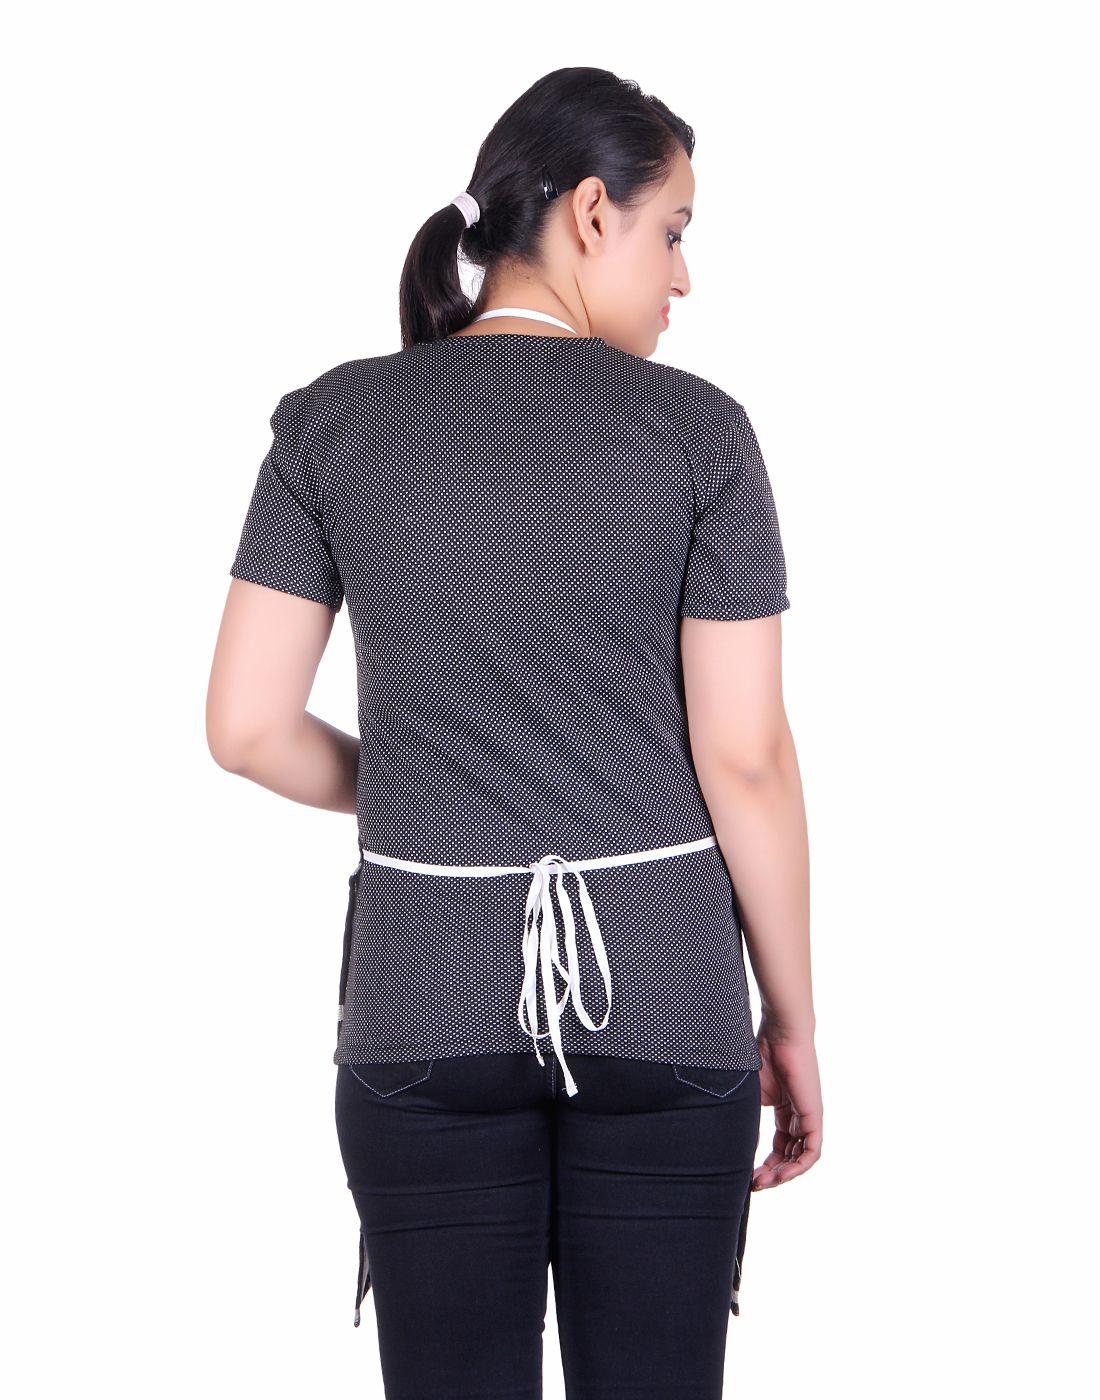 Buy white apron online -  Whyme Fashion Black And White Cotton Checks Kitchen Apron